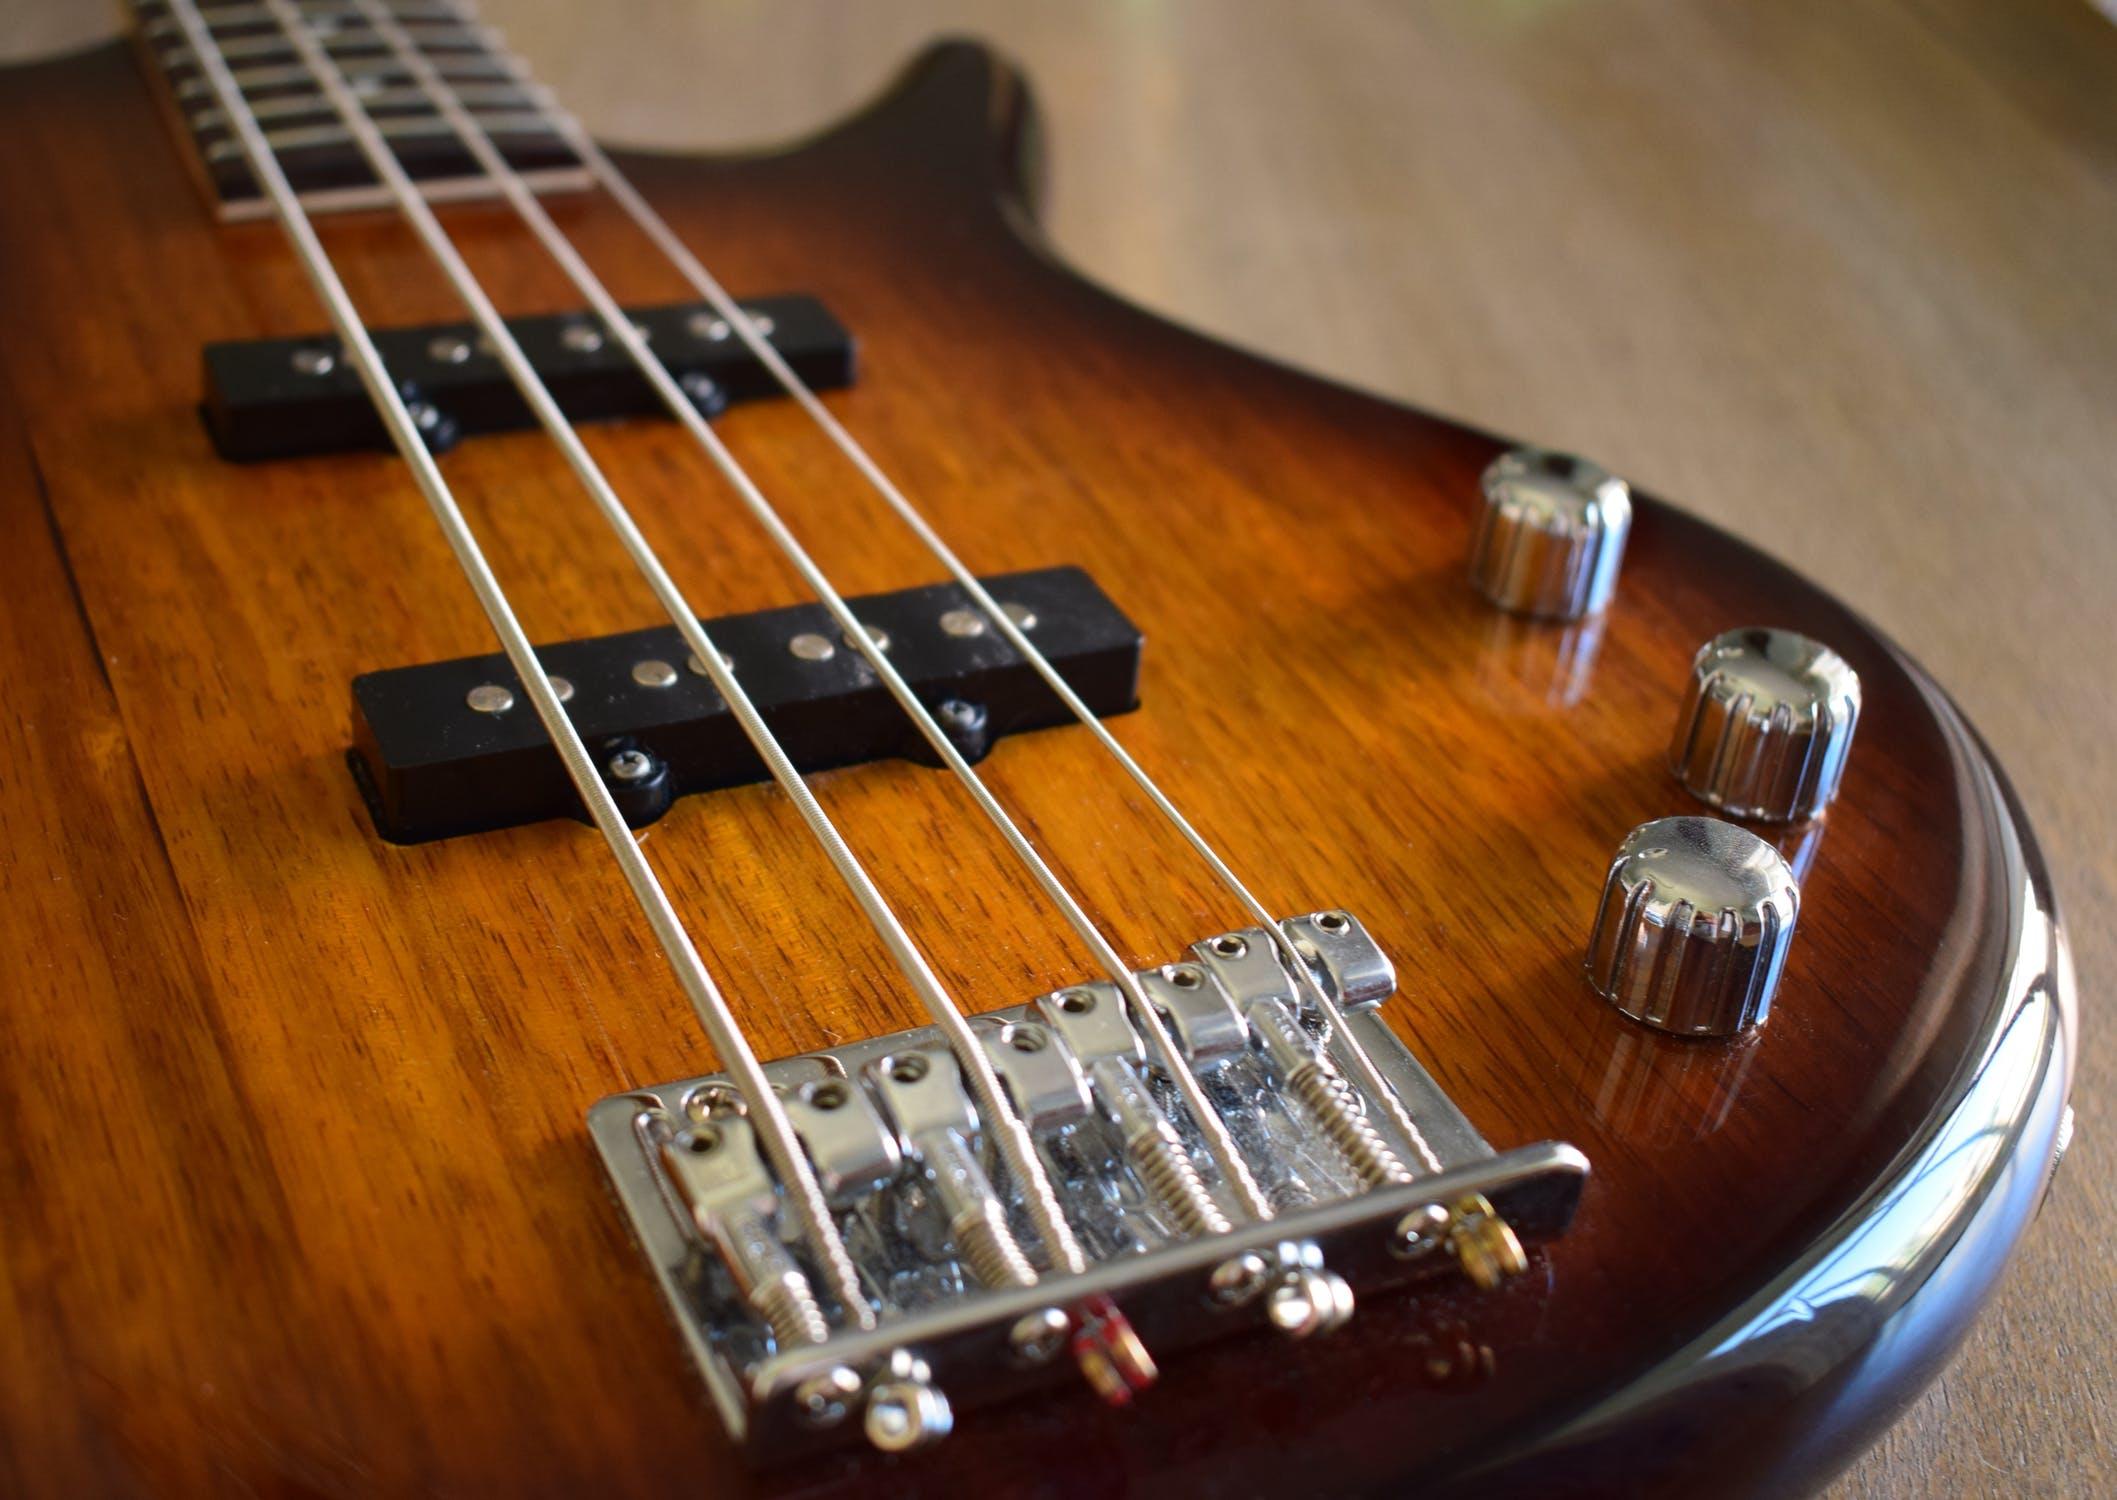 איזה פיקאפ מתאים לגיטרה שלך?